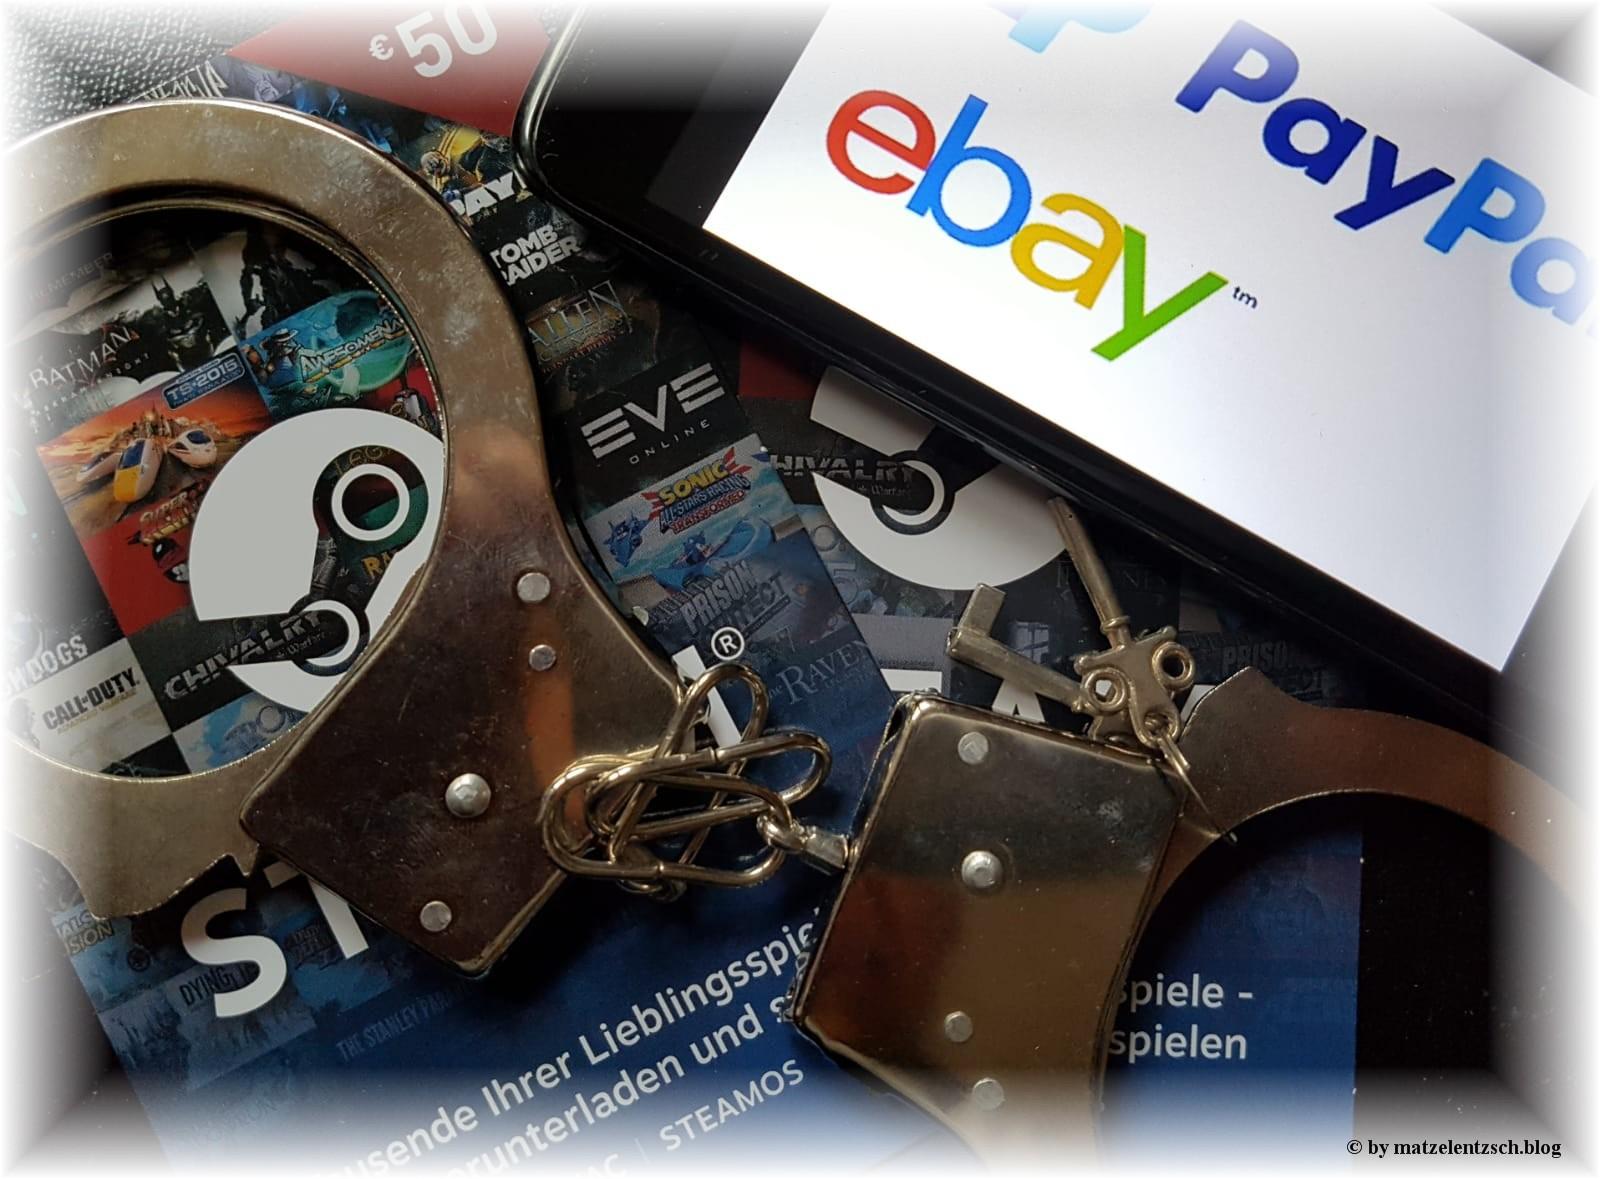 Paypal Guthaben Karte Tankstelle.Betrug Mit Steam Karten Gehackte Ebay Gefalschte Paypal